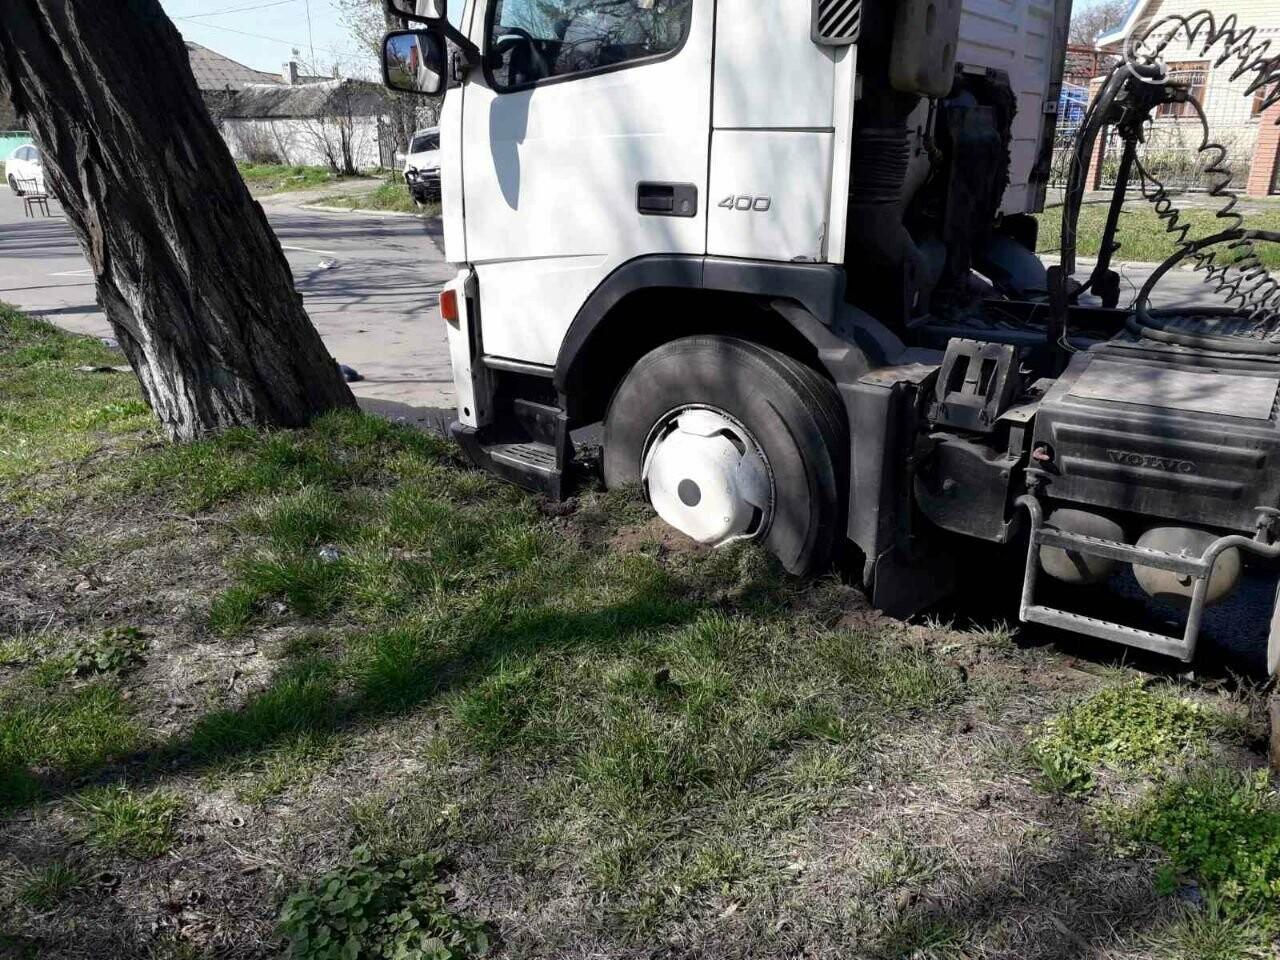 Тройное ДТП с пострадавшими. В Мариуполе столкнулись две легковушки и грузовик,  - ФОТО, фото-7